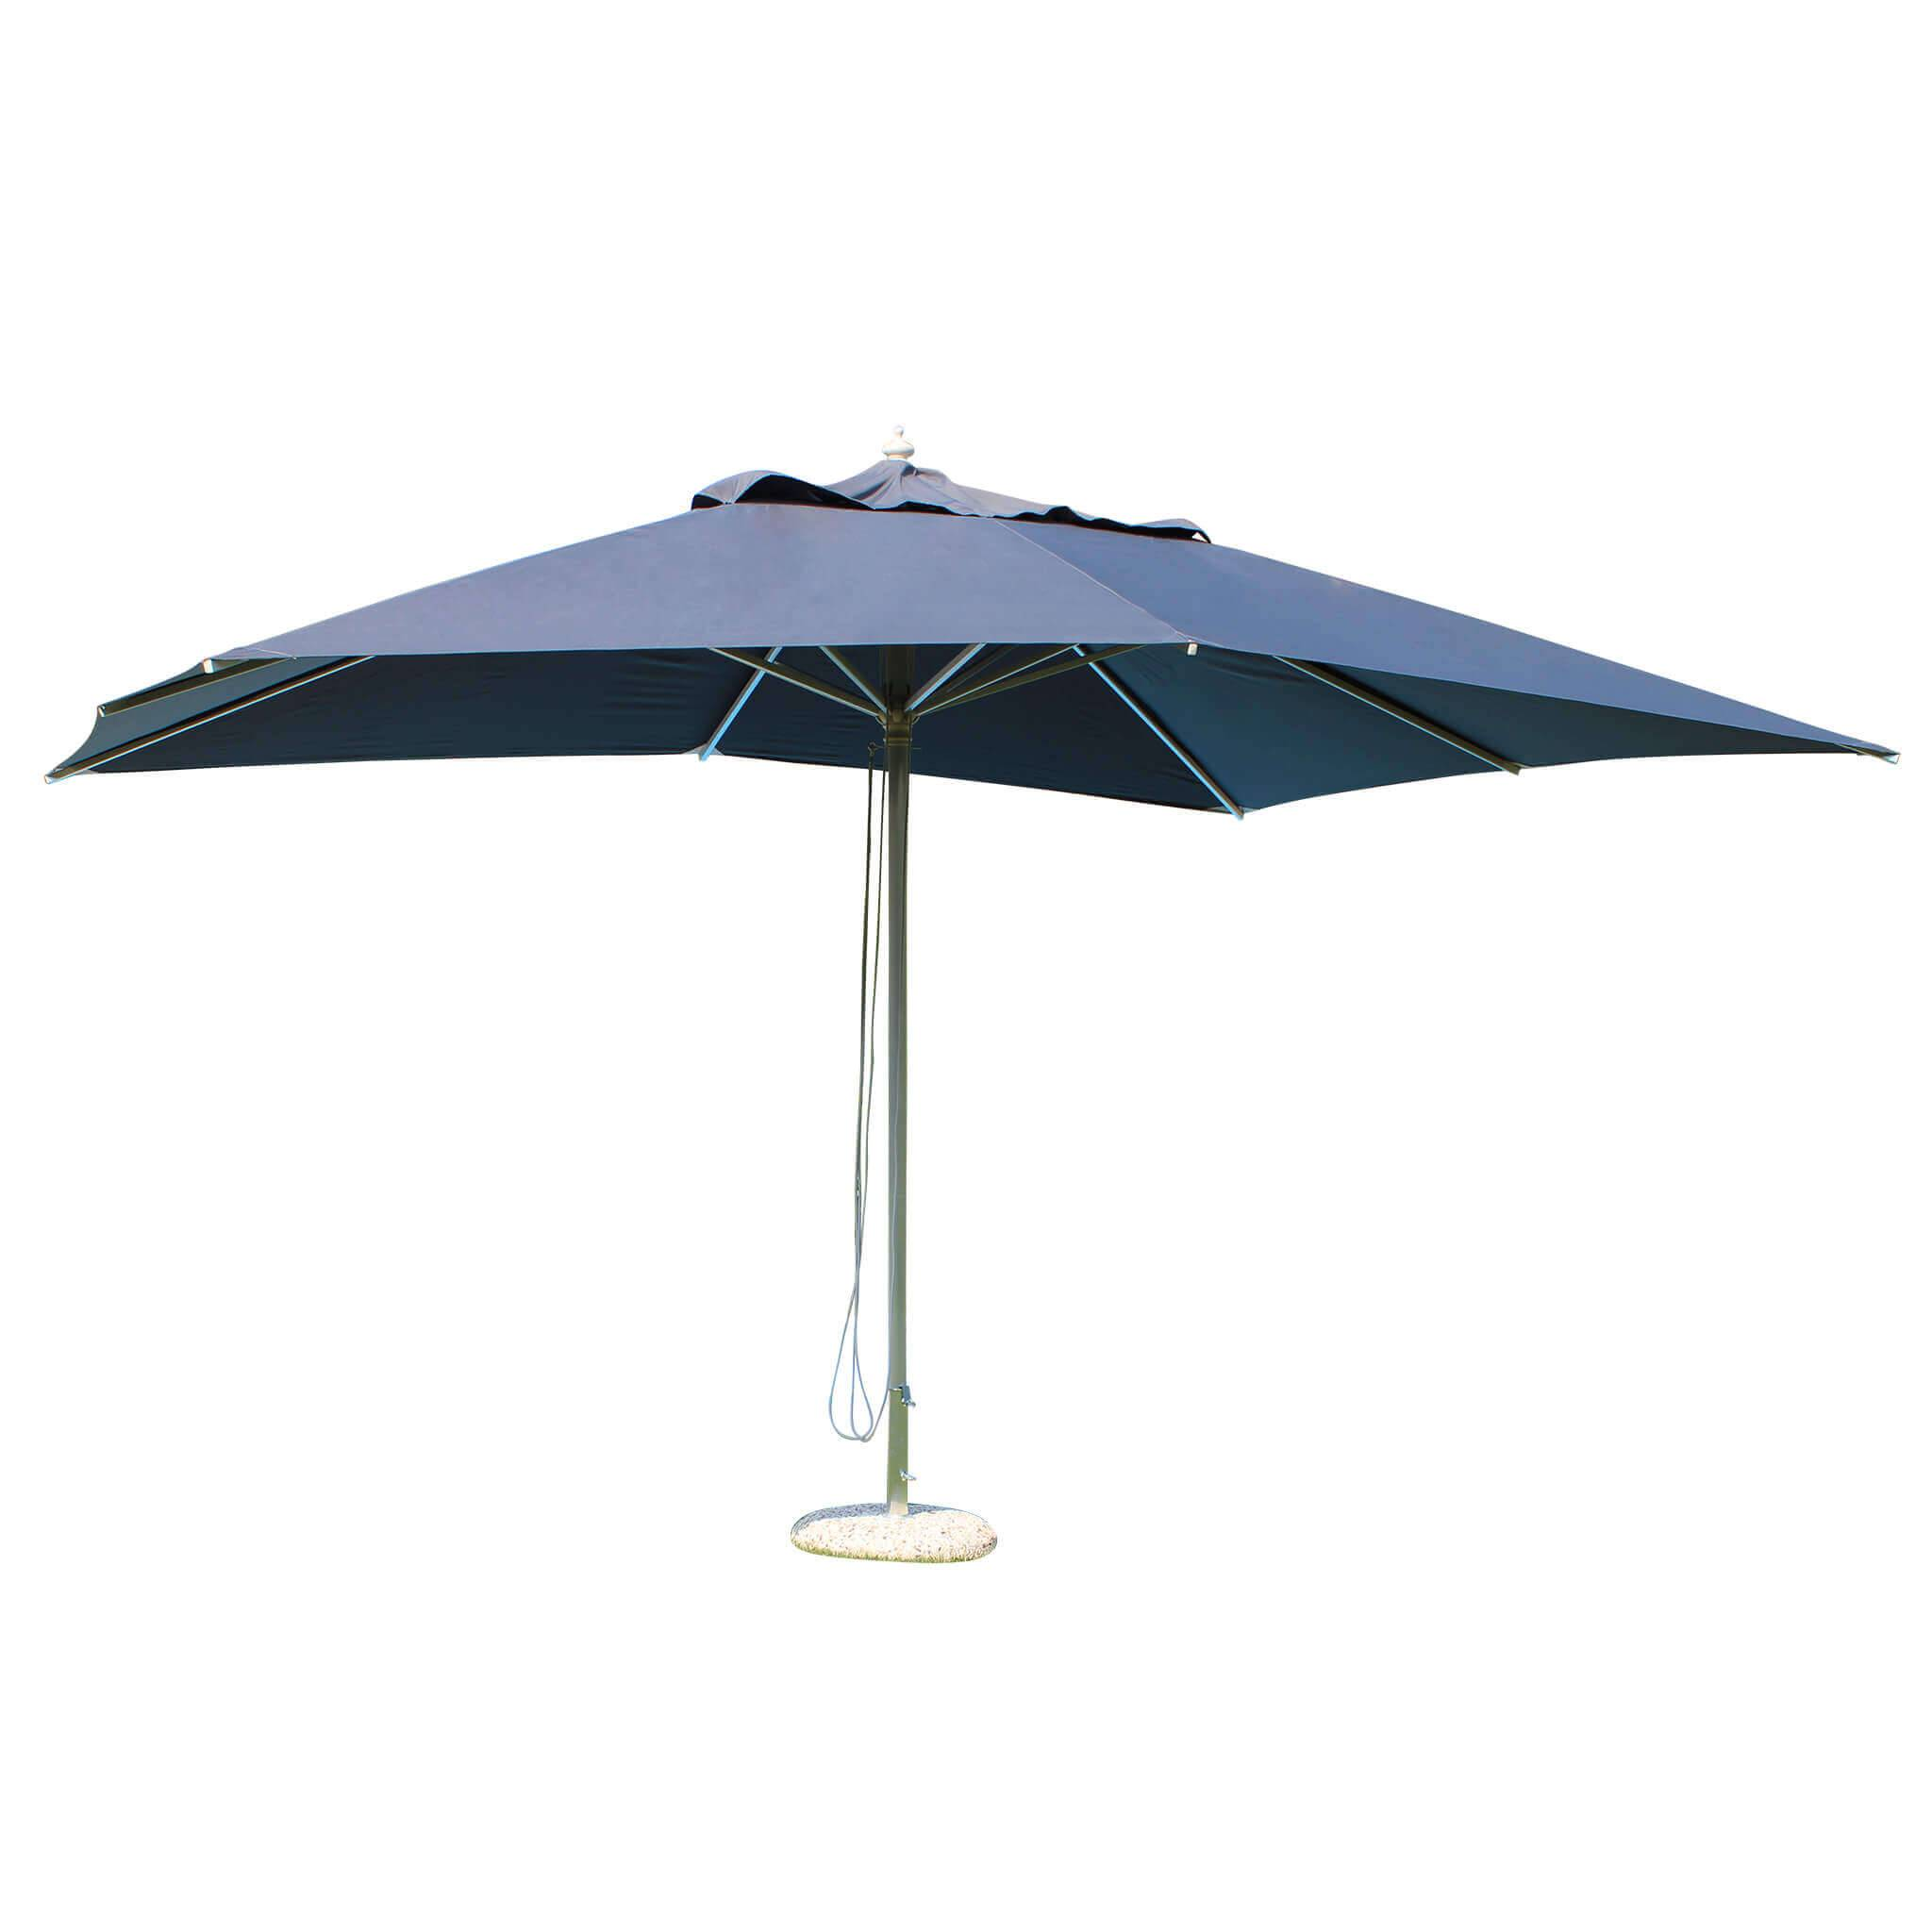 milani home acis - ombrellone da giardino 3x4 palo centrale in alluminio